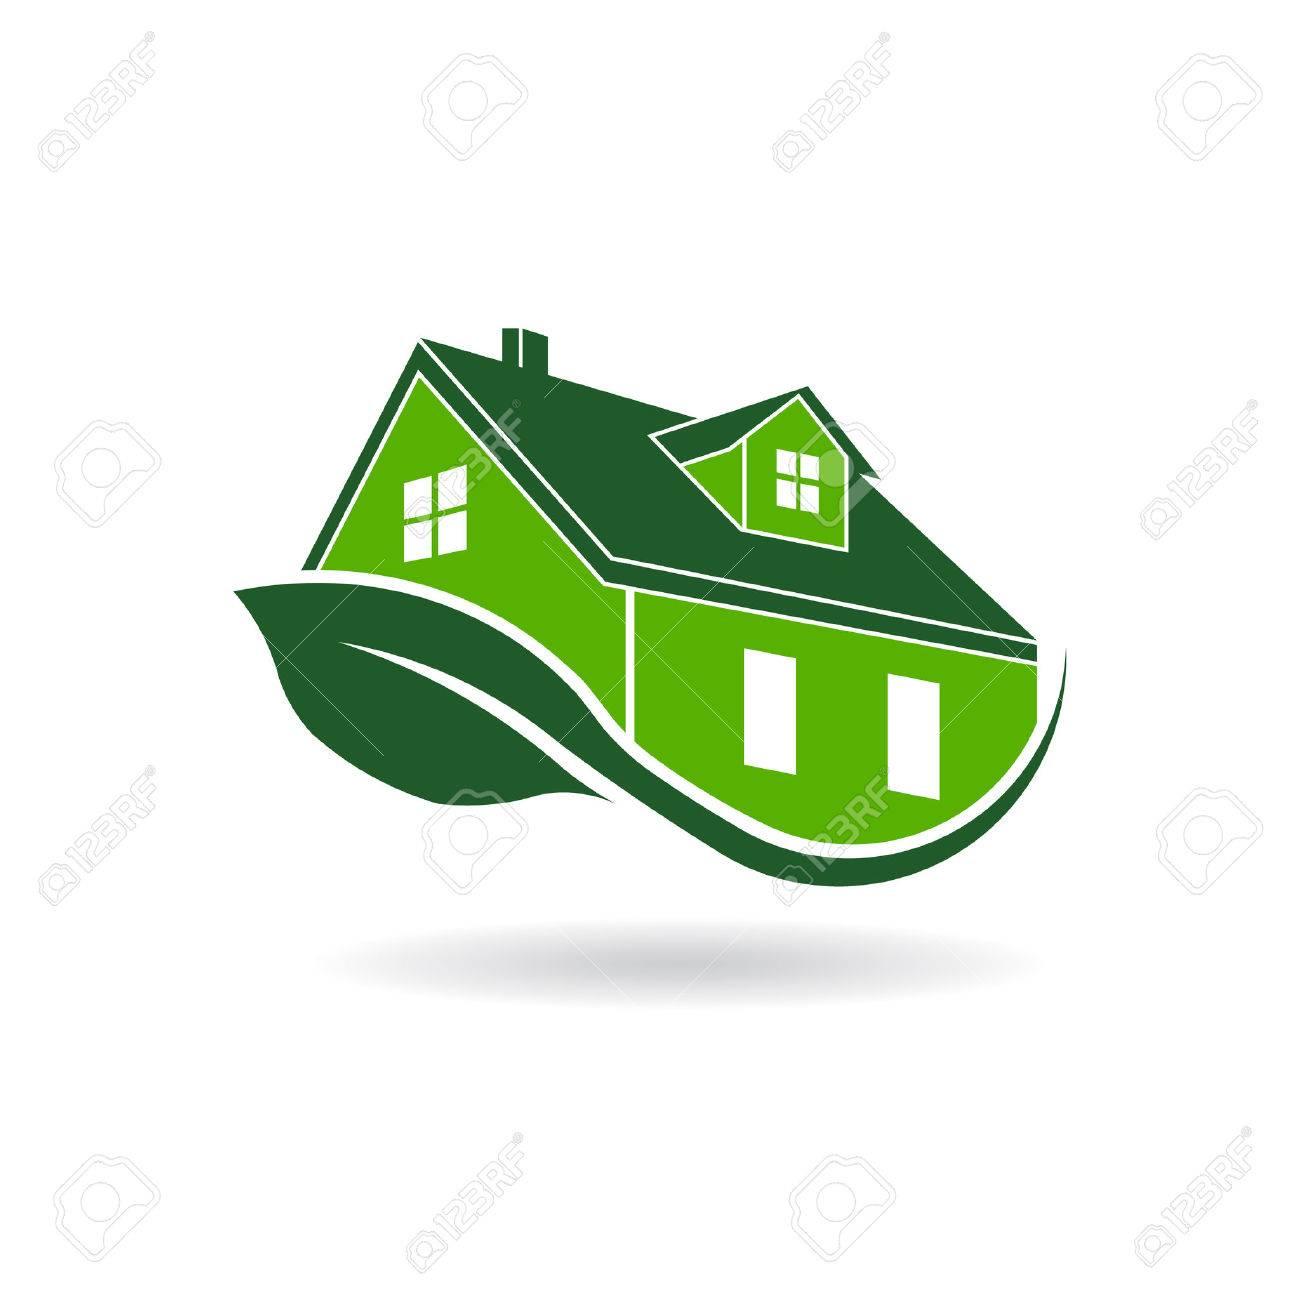 Verde casa efficiente logo, certificato ambientale Archivio Fotografico - 45795170